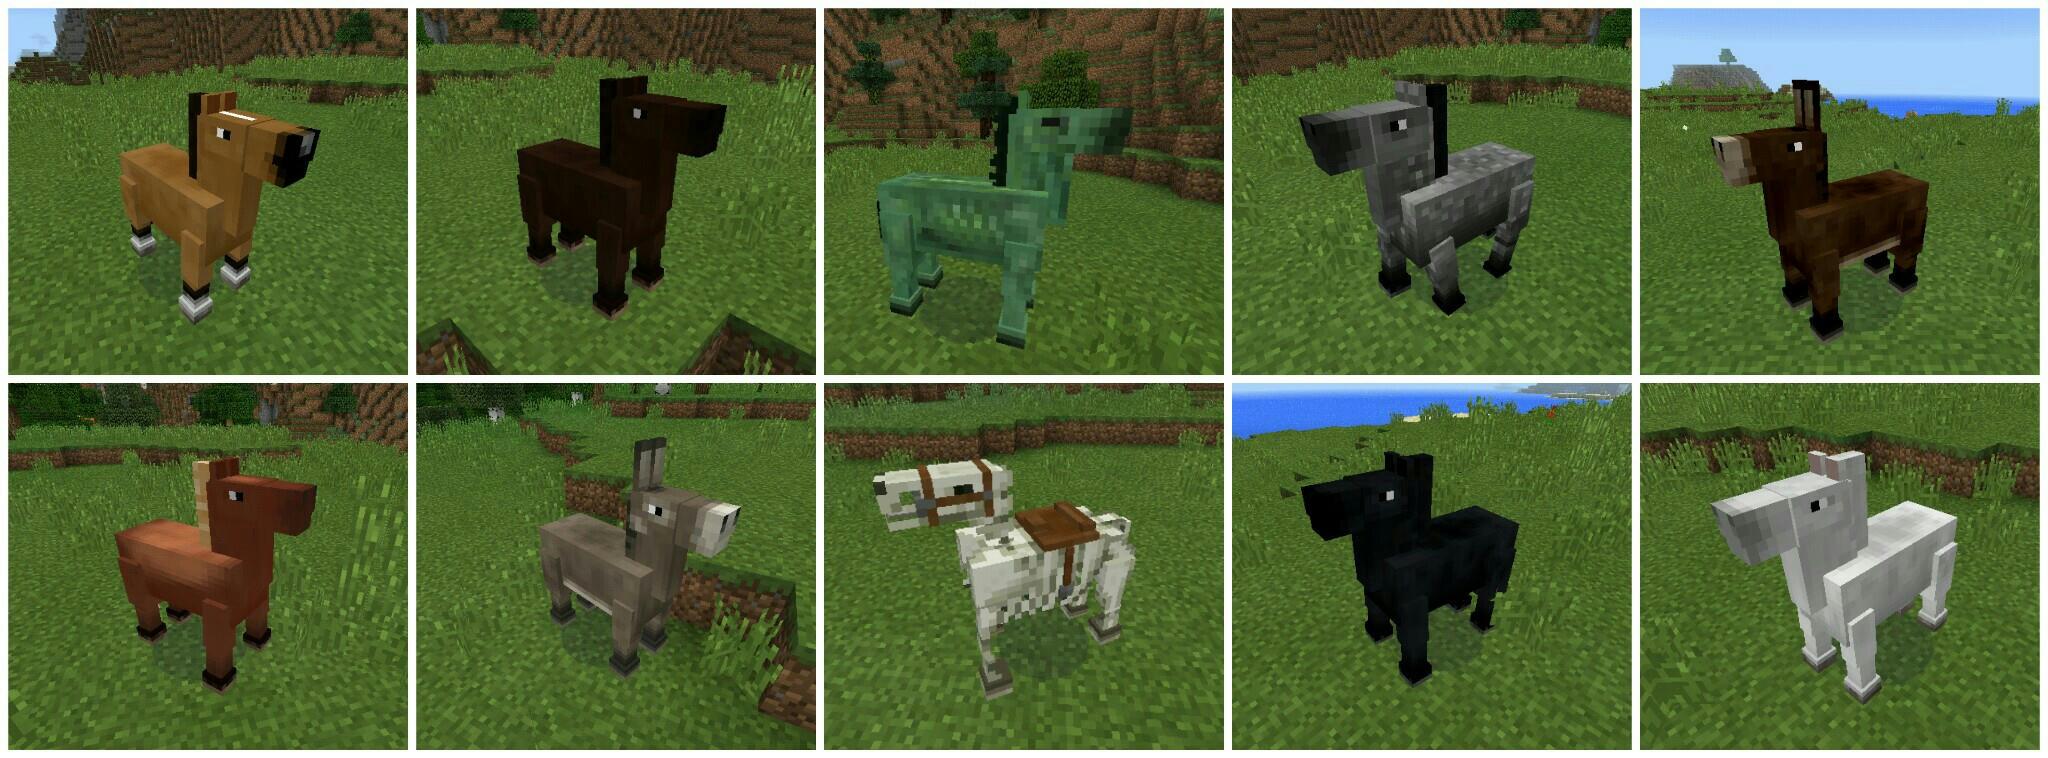 Моды на майнкрафт 1.7.2 про лошадей